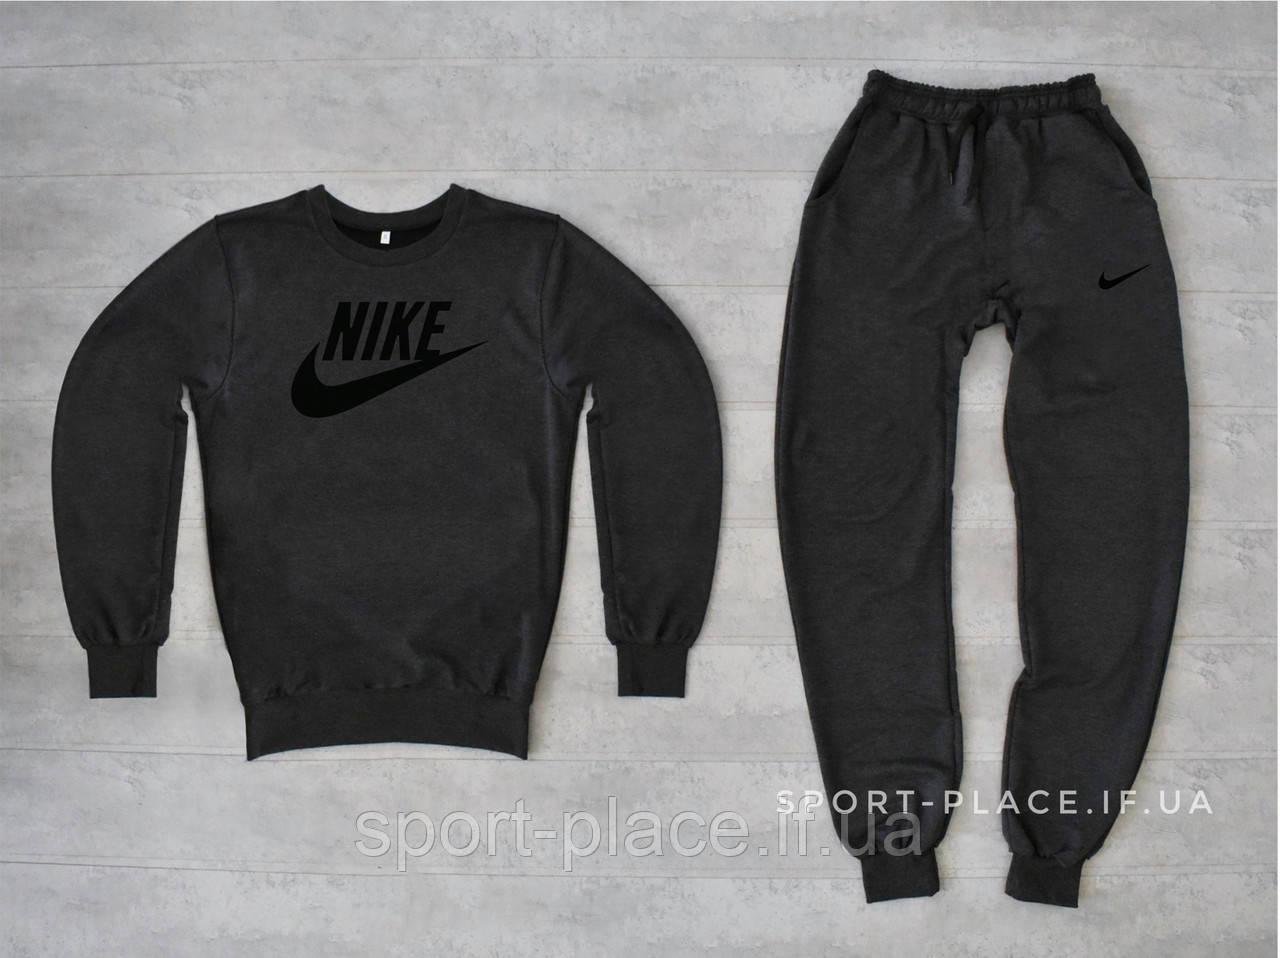 Мужской спортивный костюм Nike темно серый , свитшот большая черная эмблема, штаны